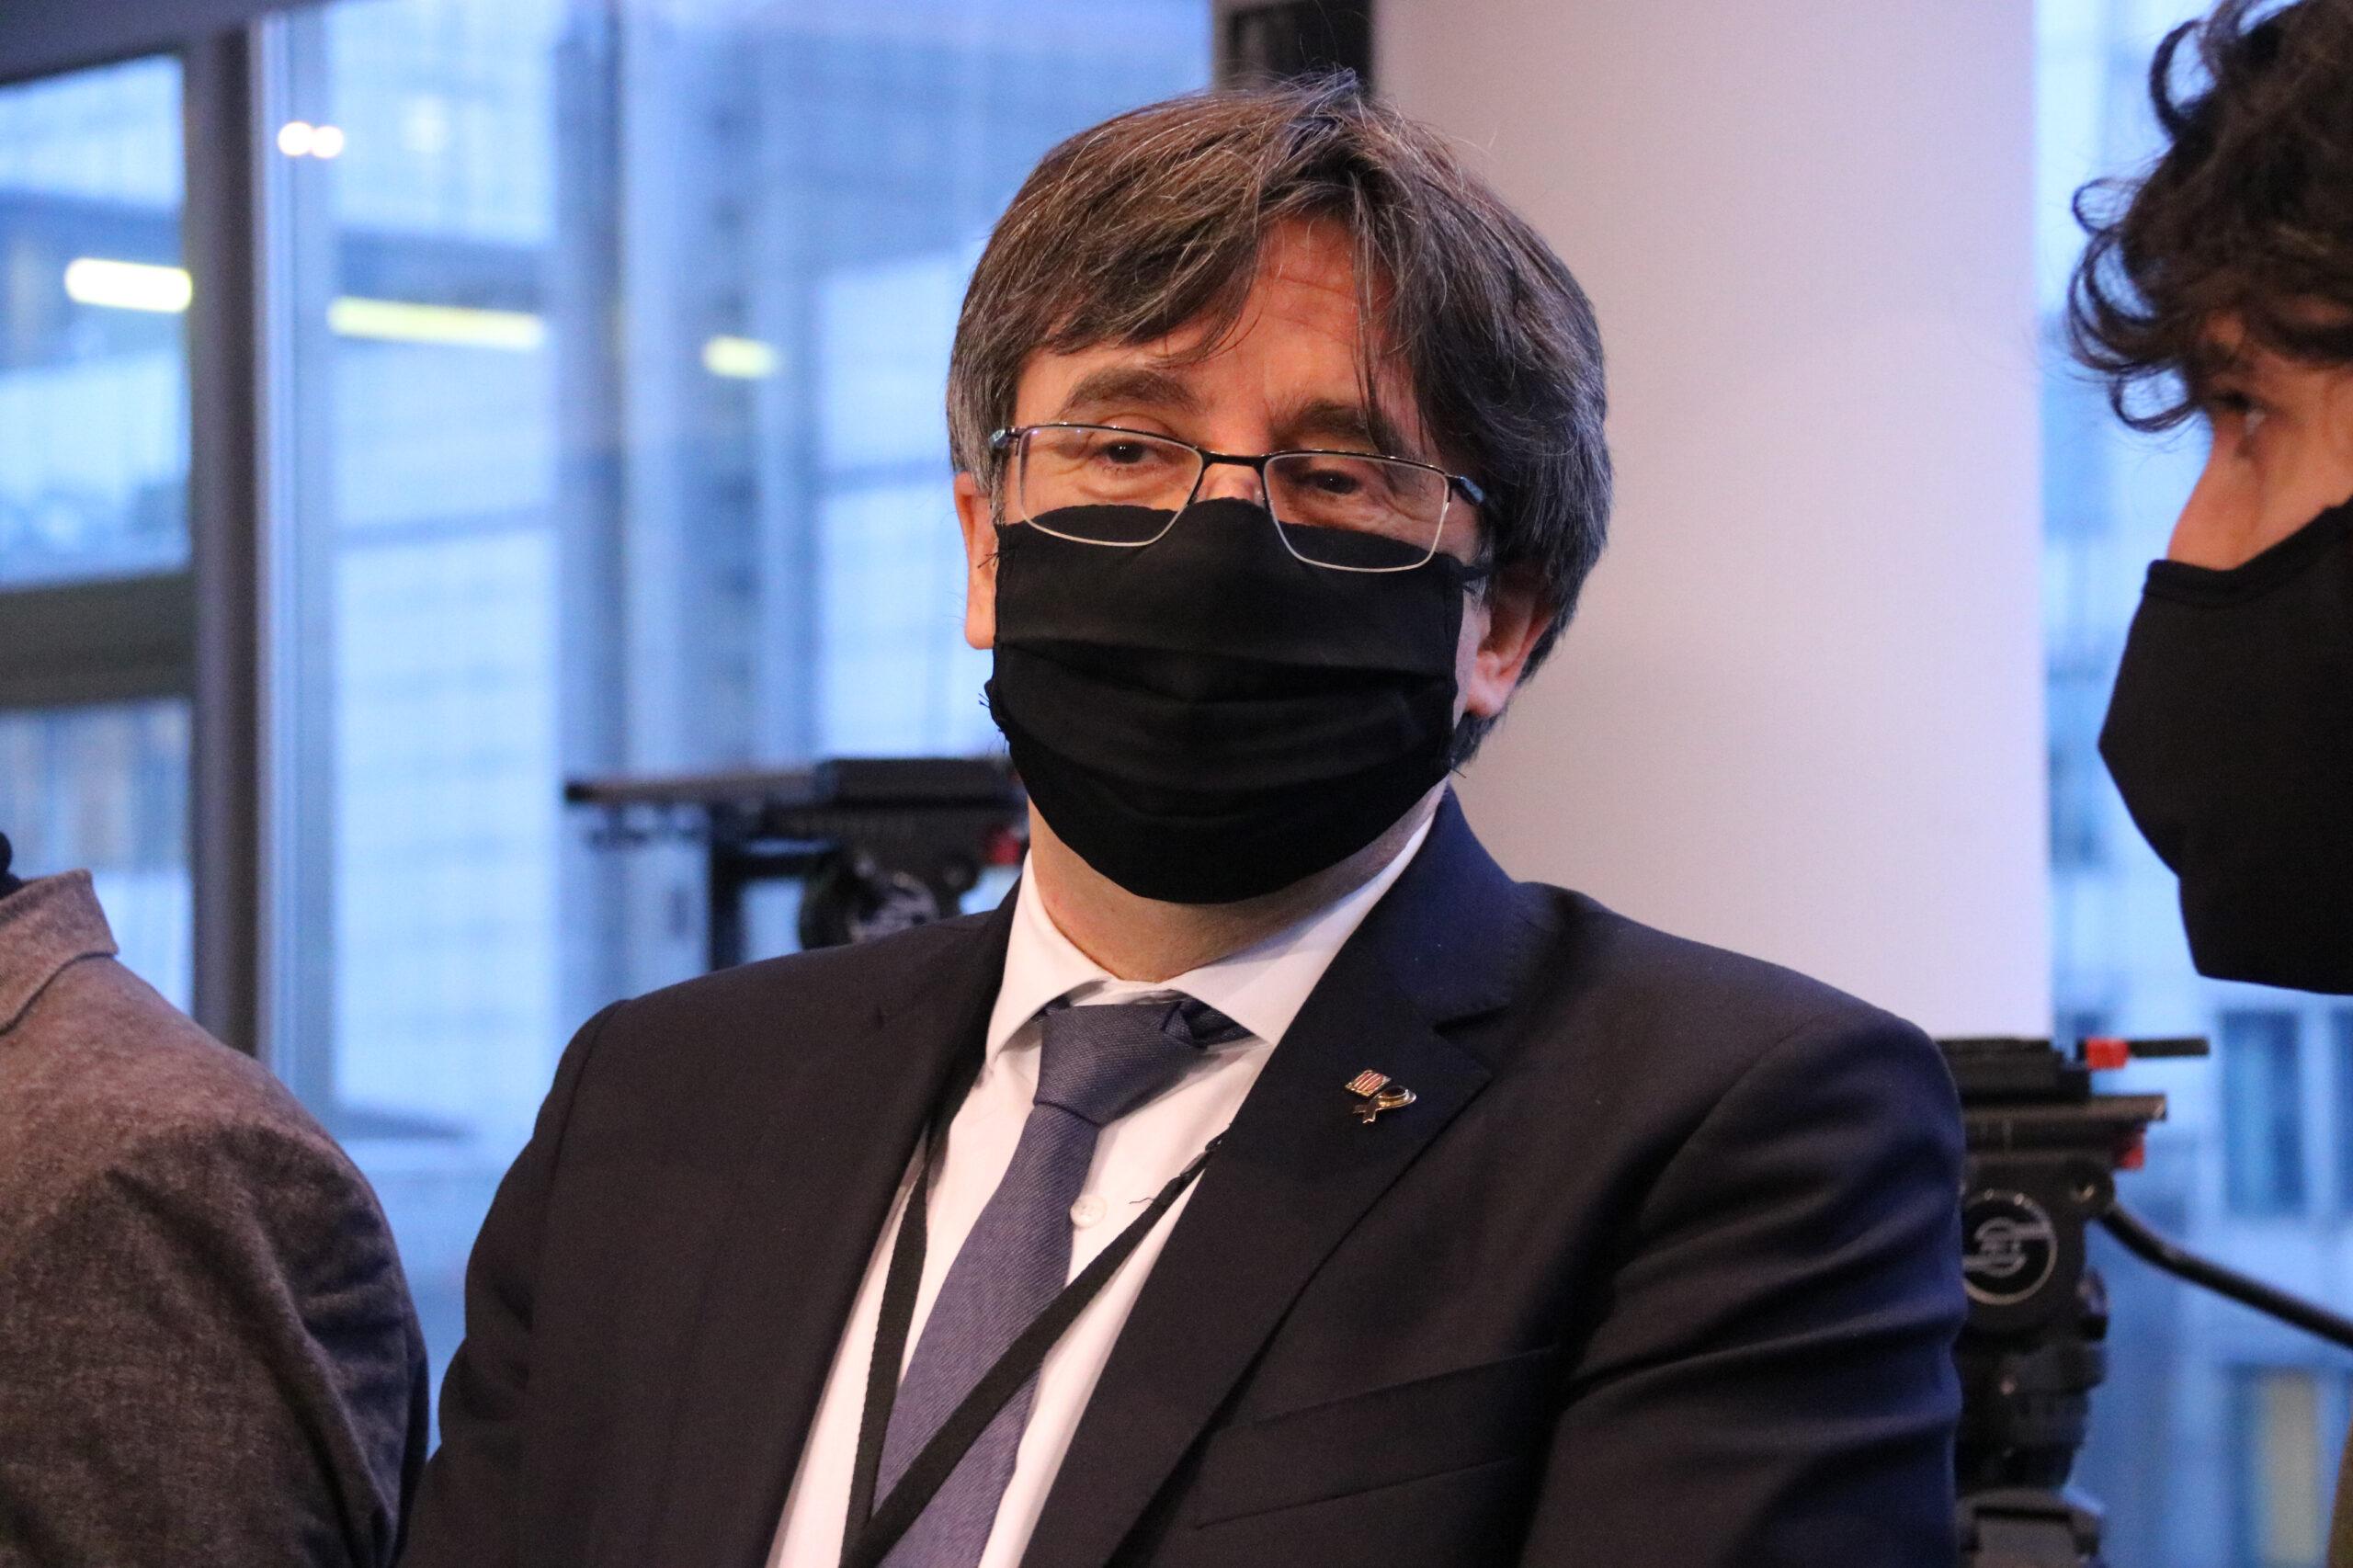 Carles Puigdemont a l'entrada de la vista pel suplicatori el 14 de gener de 2021 al Parlament Europeu | ACN